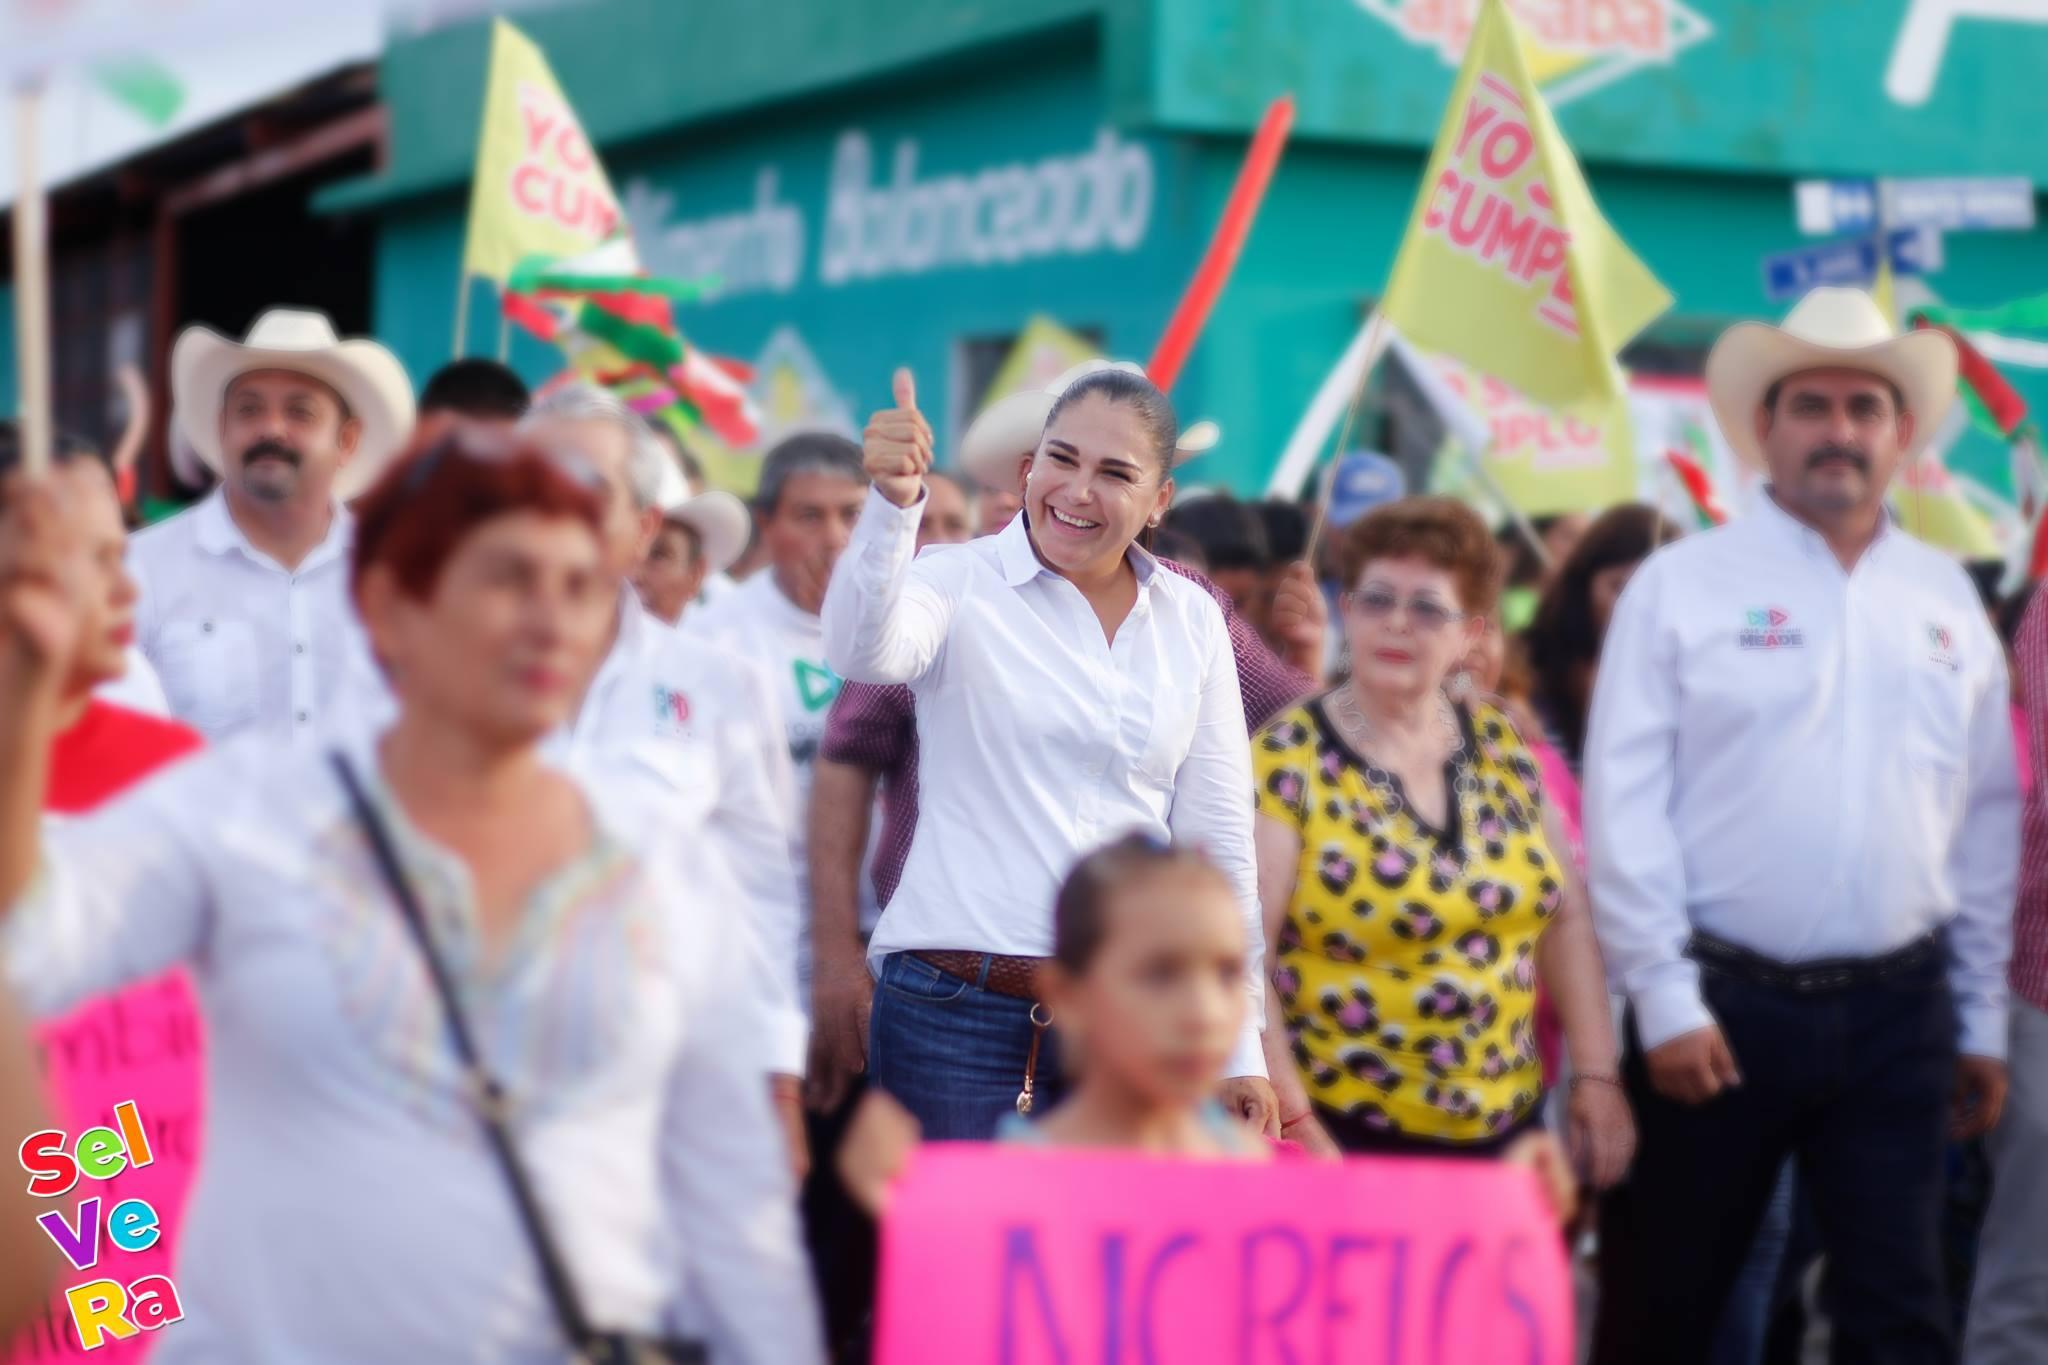 Mujeres a gobernar mayoritariamente municipios chicos y pobres de Tamaulipas